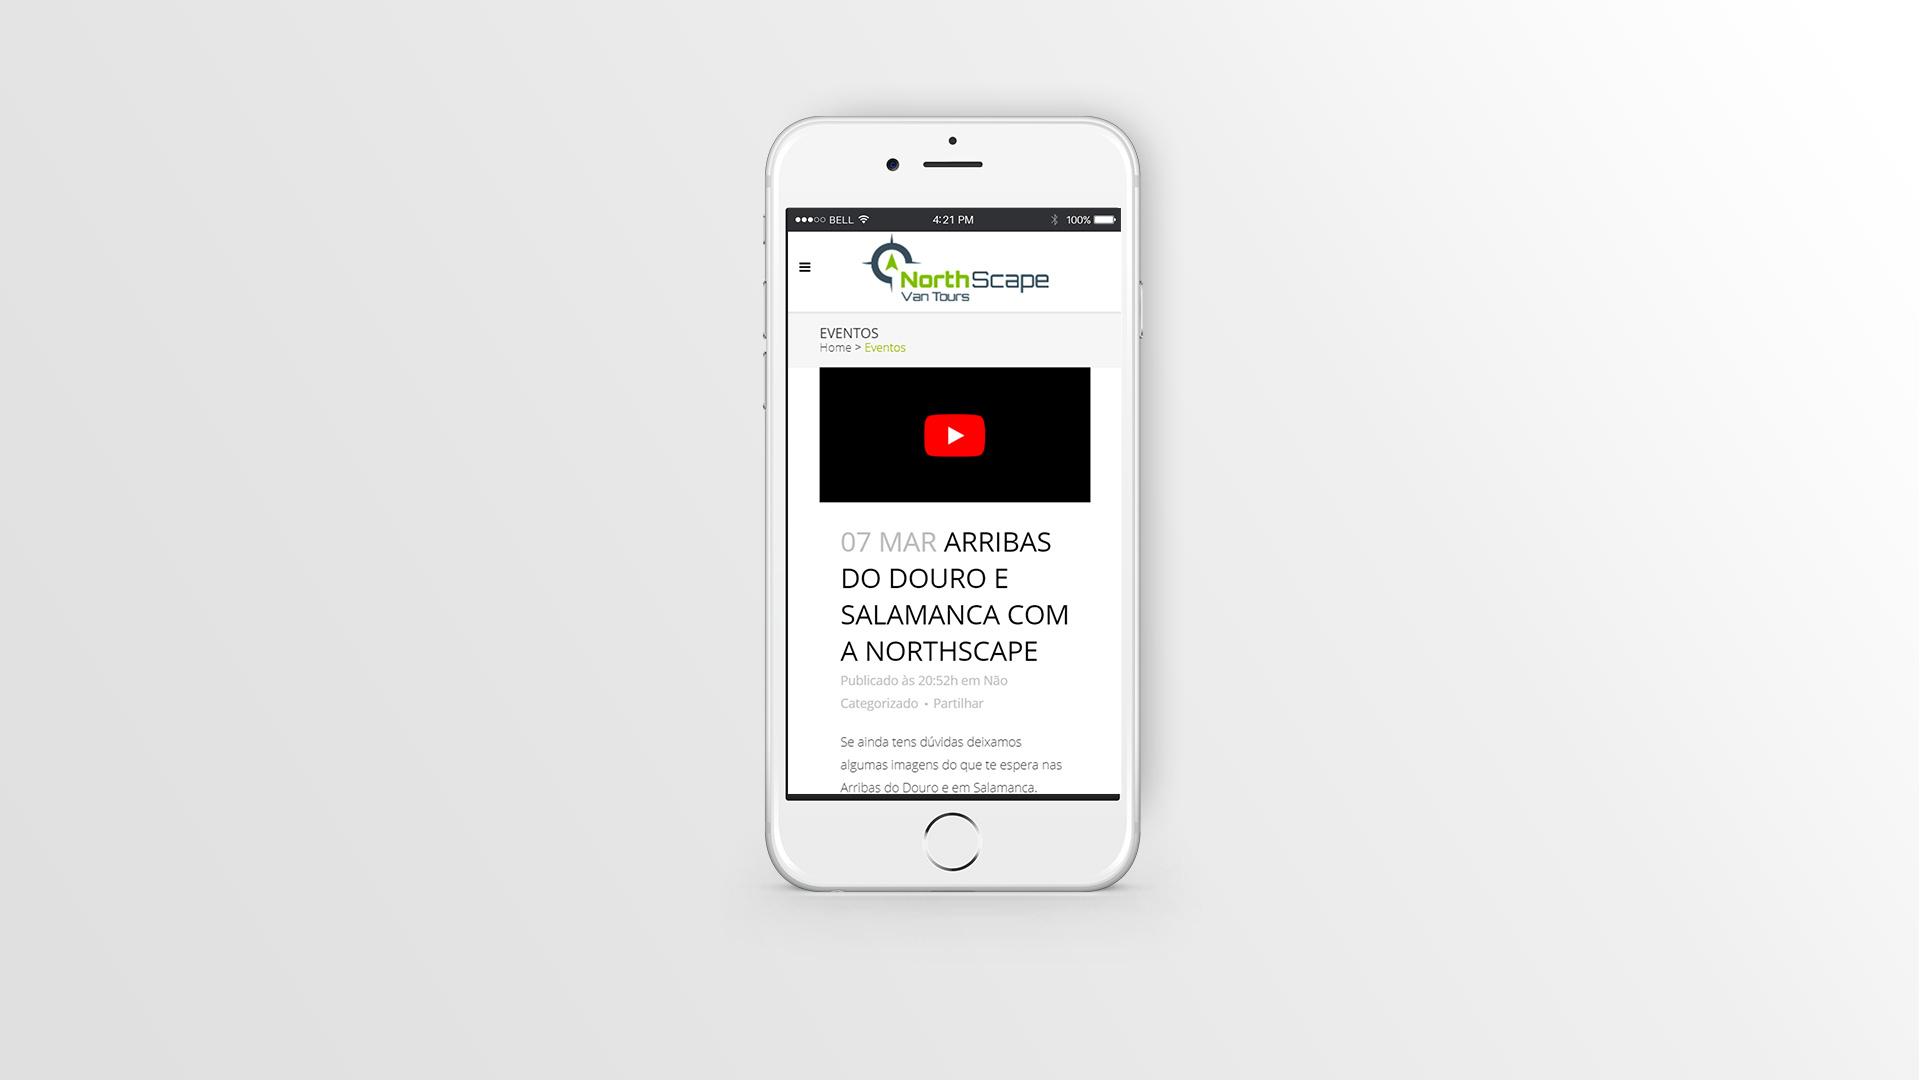 NorthScape-web design-móbil -marketing digital-publicidade-tour